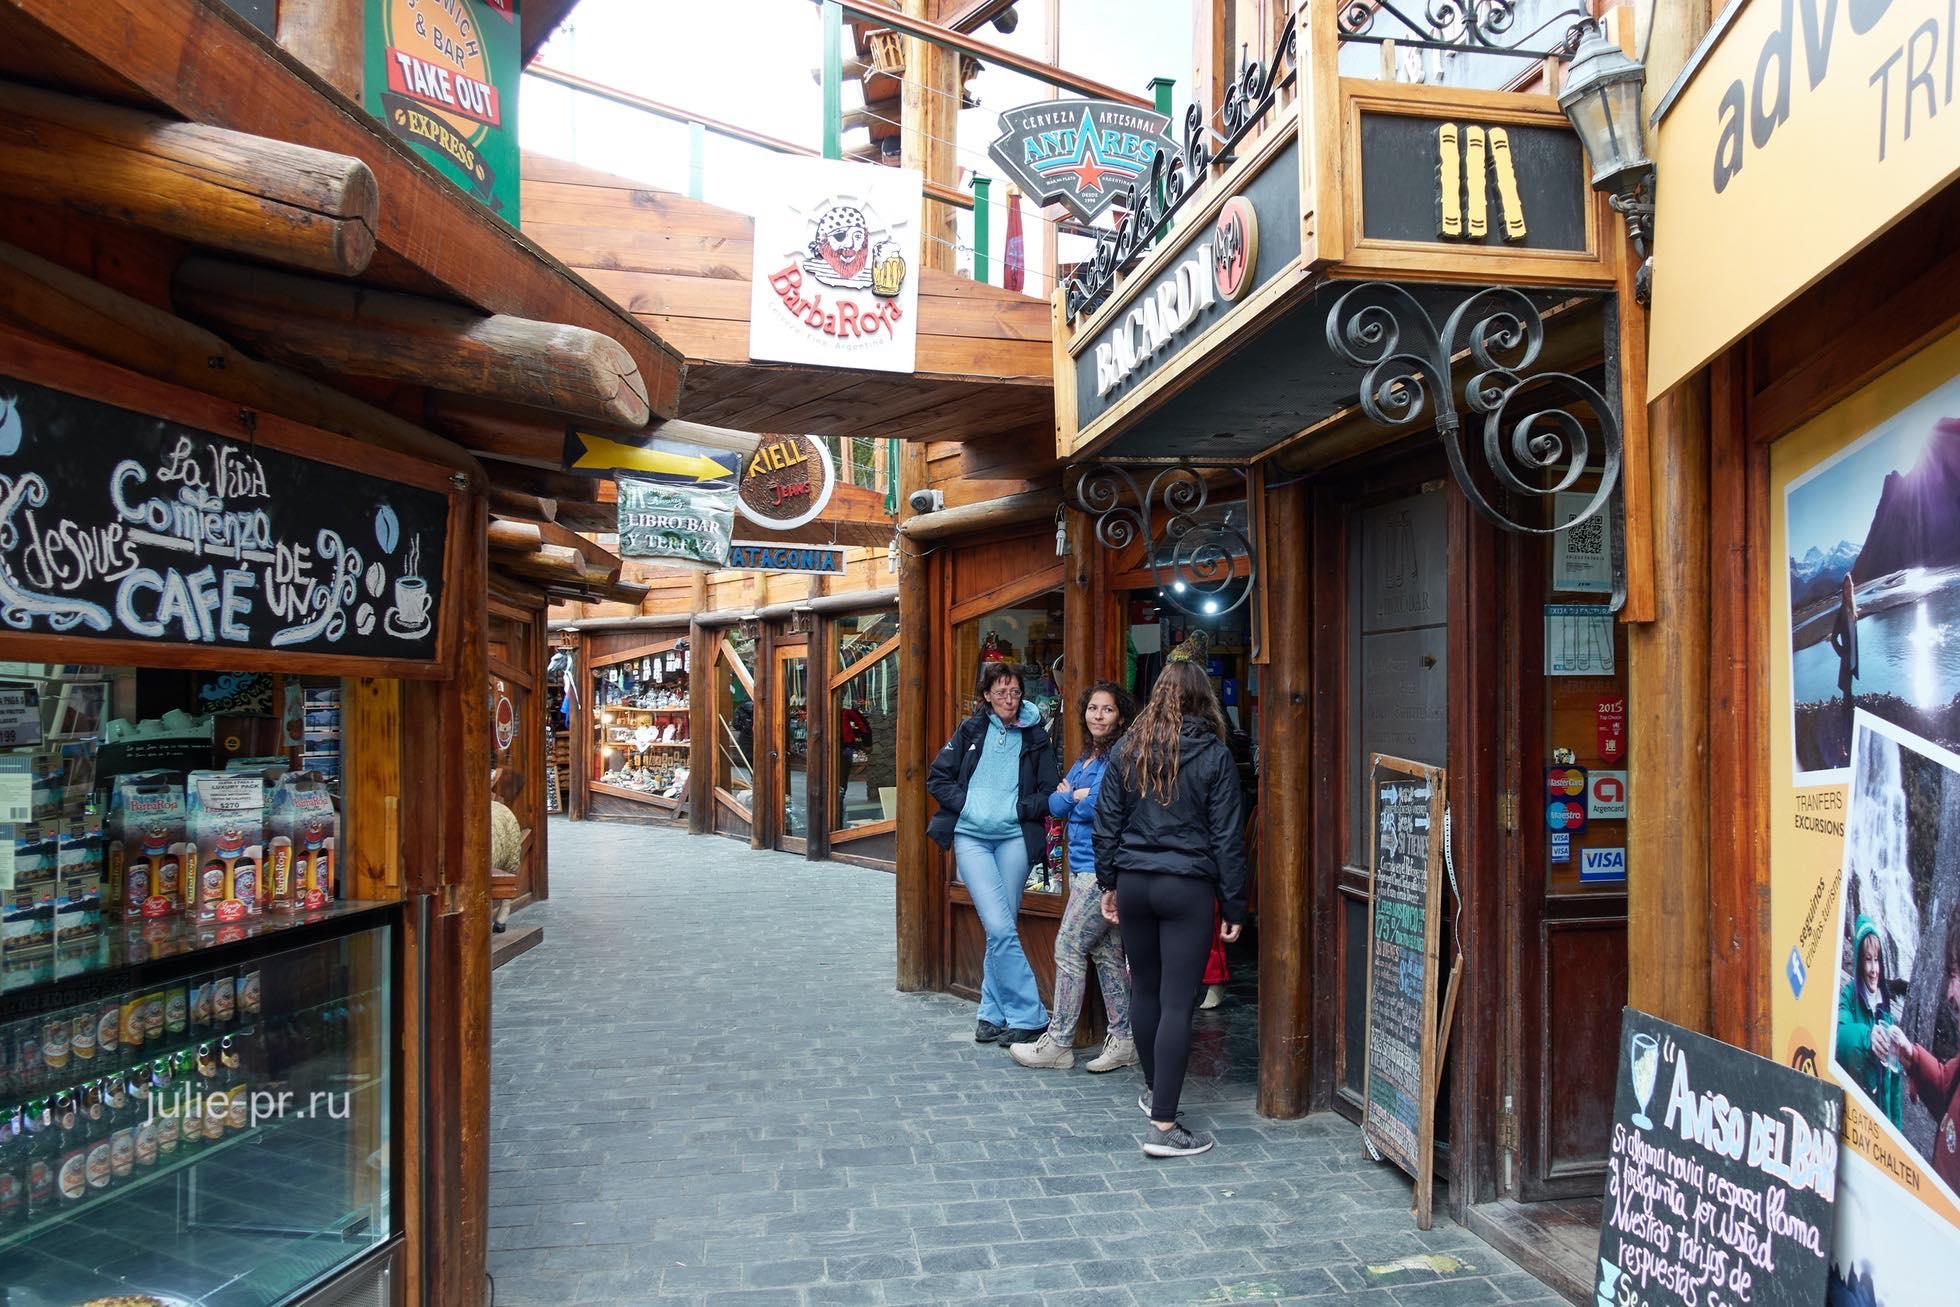 Аргентина, Эль-Калафате, сувенирные киоски